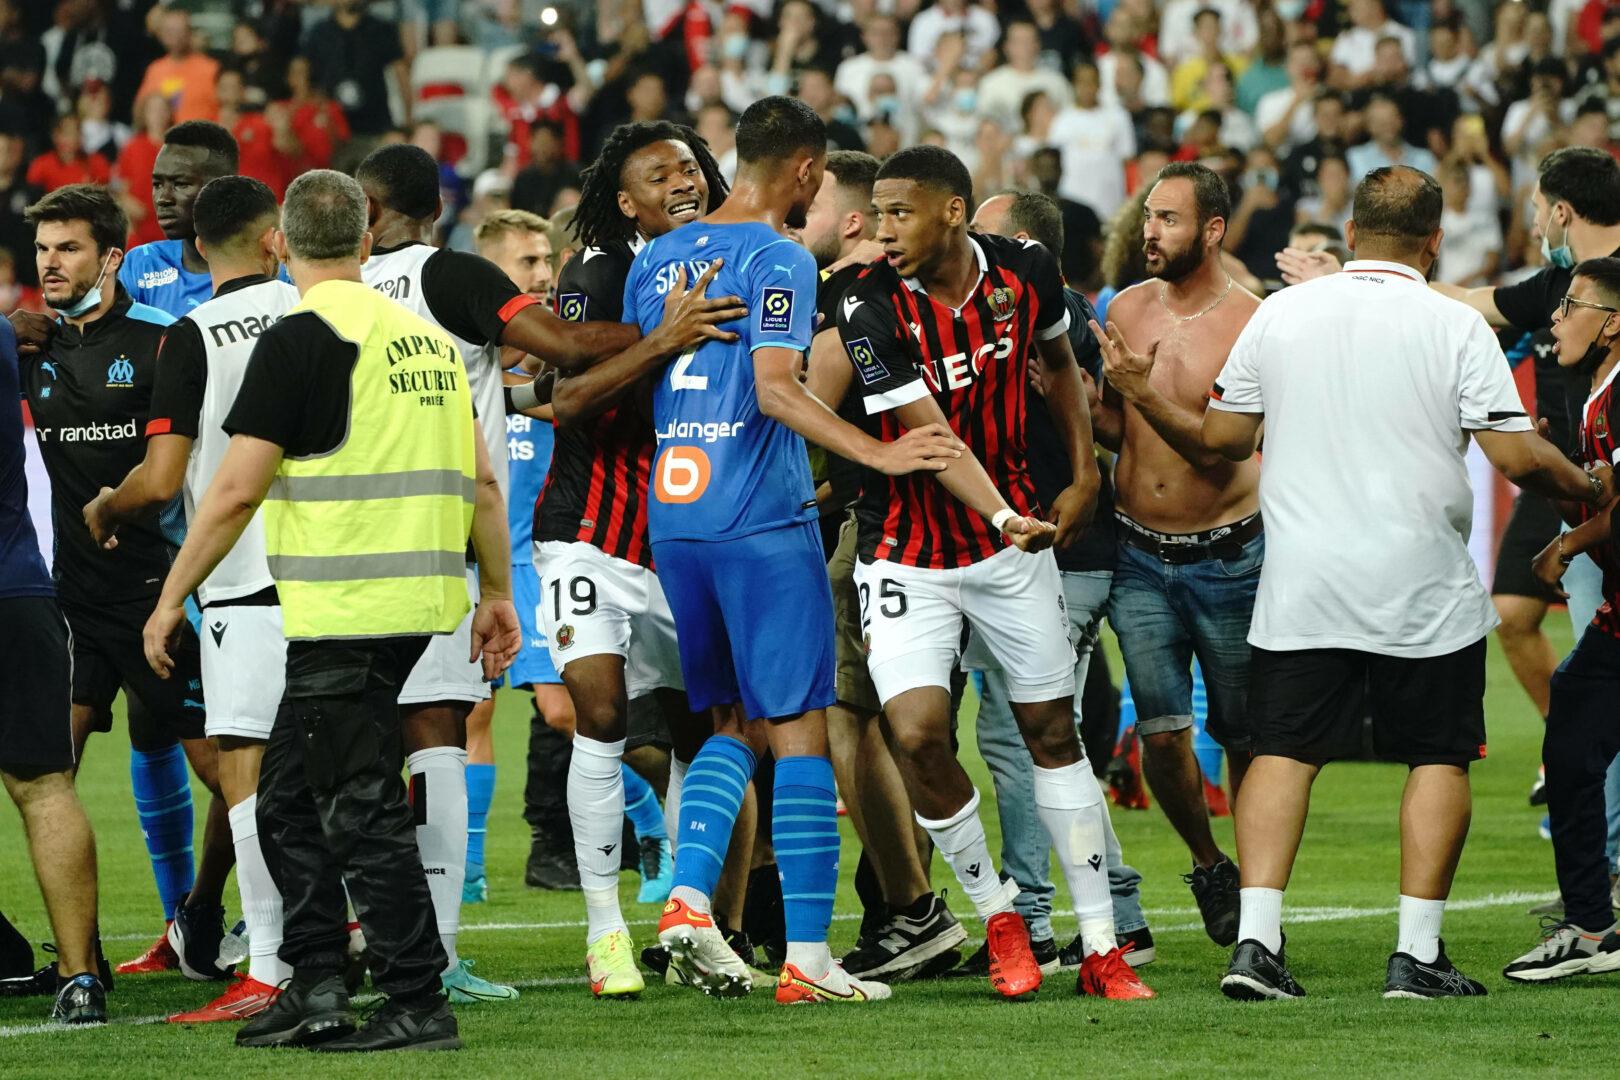 Nach Ausschreitungen: Nizza-Marseille wird wiederholt